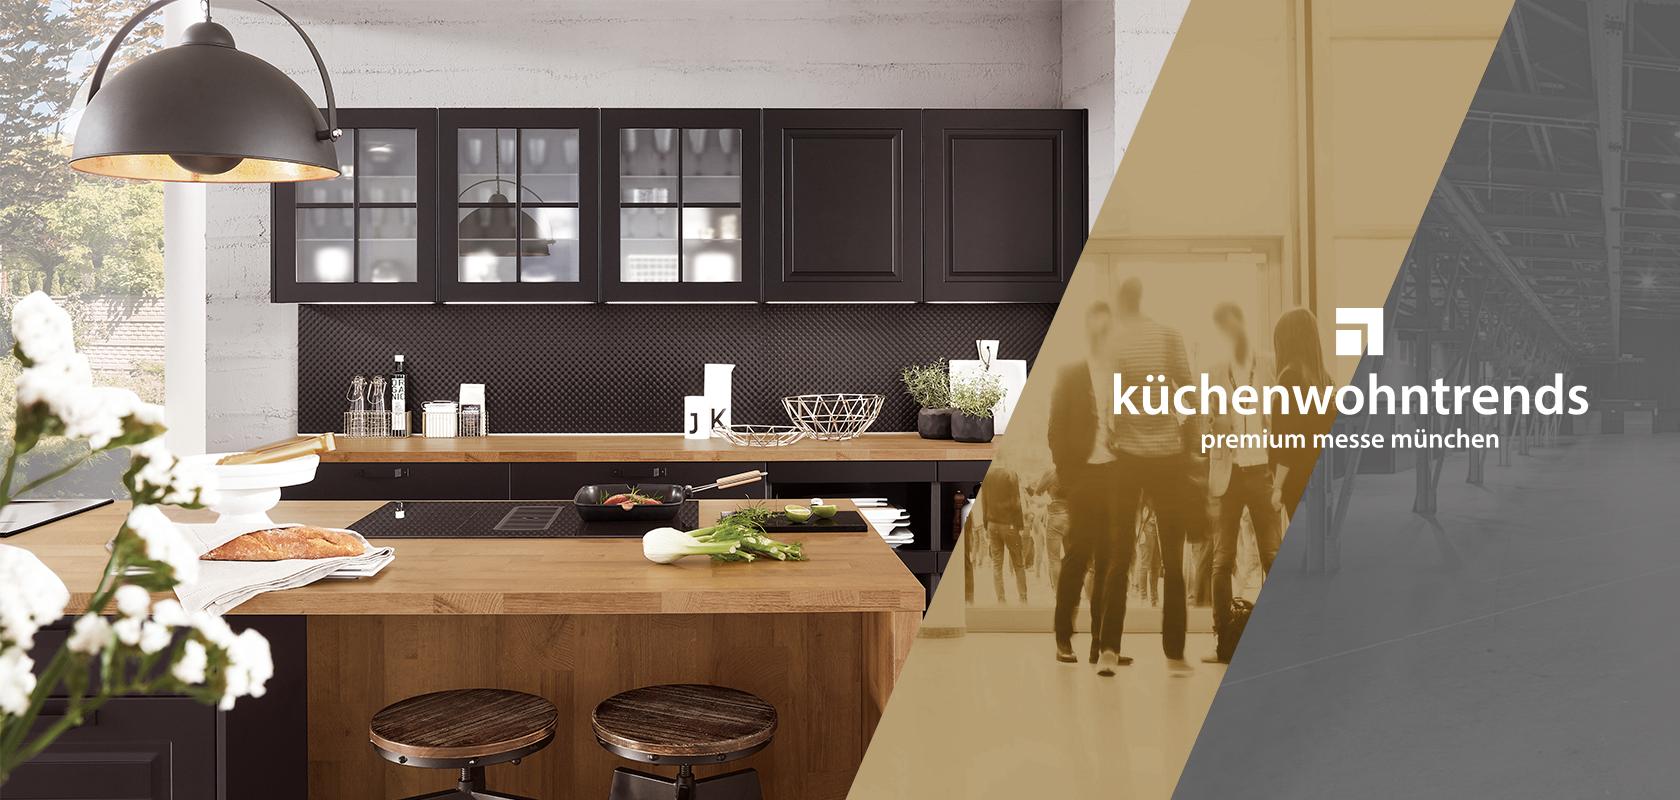 Gemütlich Küche Unternehmen Nz Bilder - Küchenschrank Ideen ...